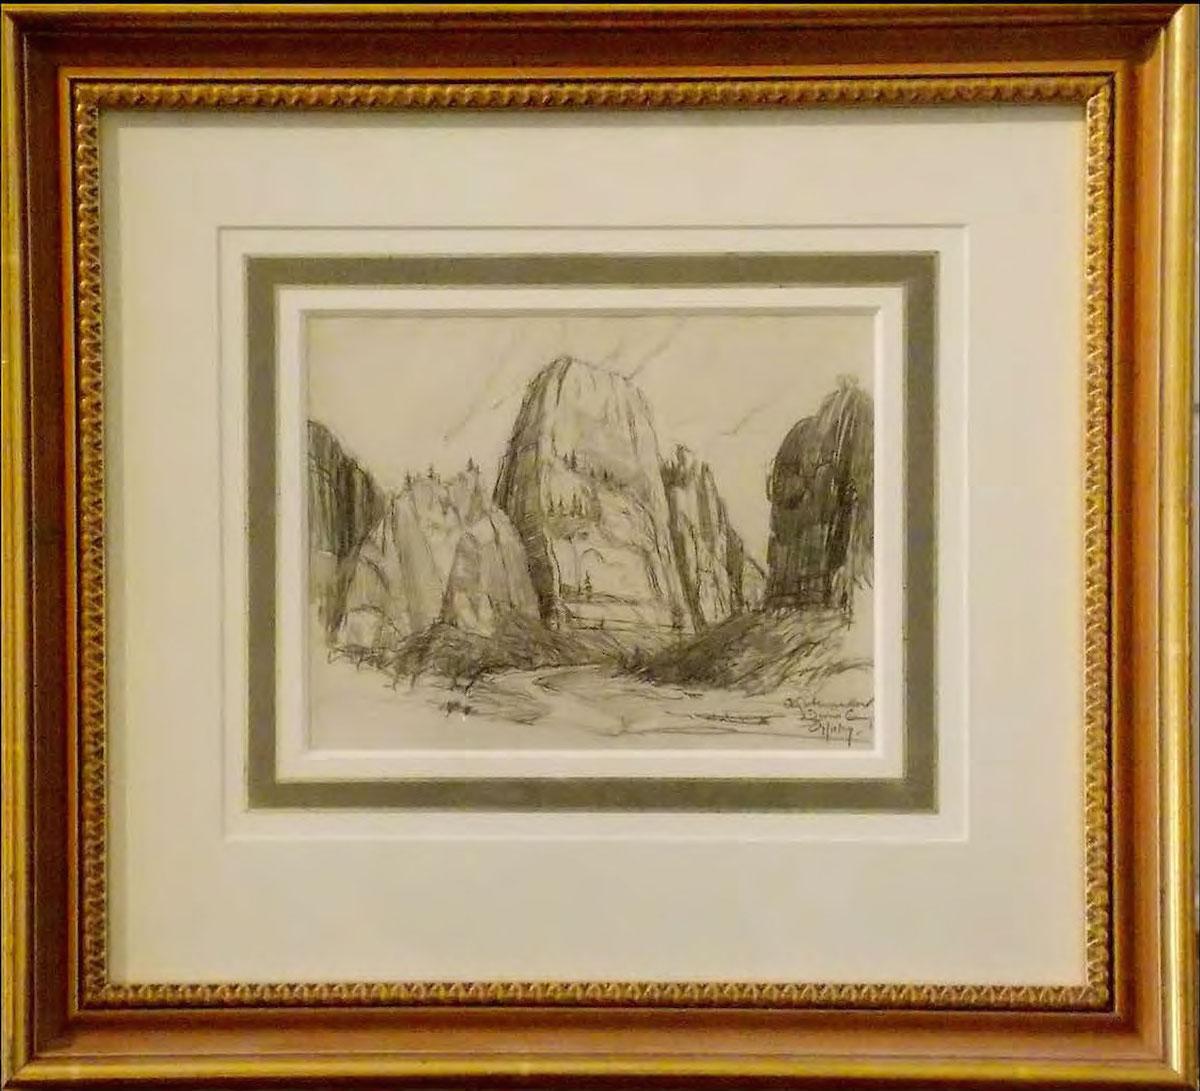 LeConte Stewart zions-canyon